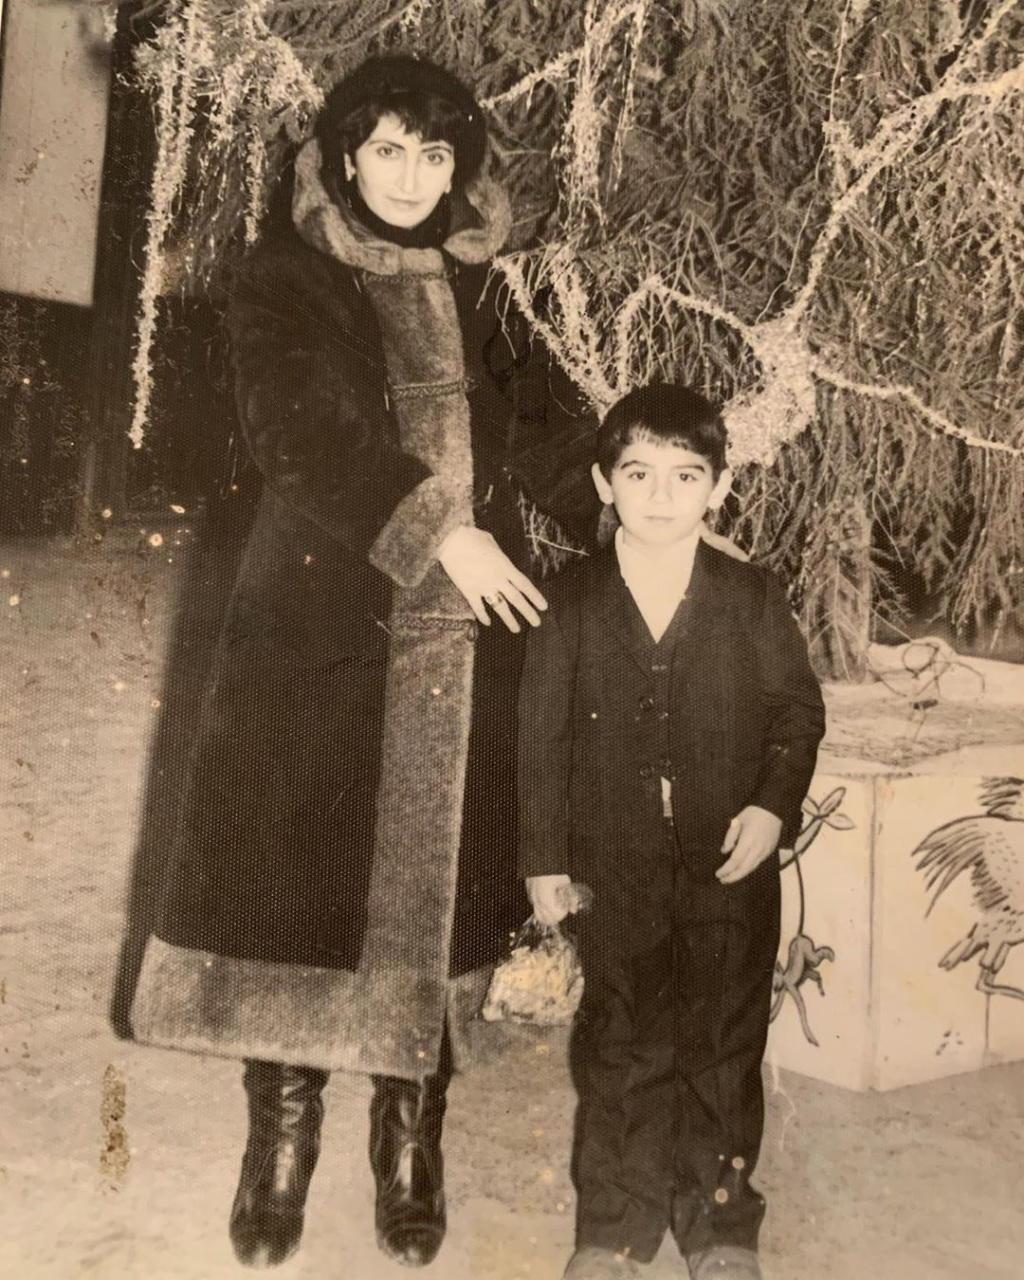 Bu uşağı tanıdınız? - İndi Azərbaycan şou-biznesinin ən məşhur üzvüdür - FOTO